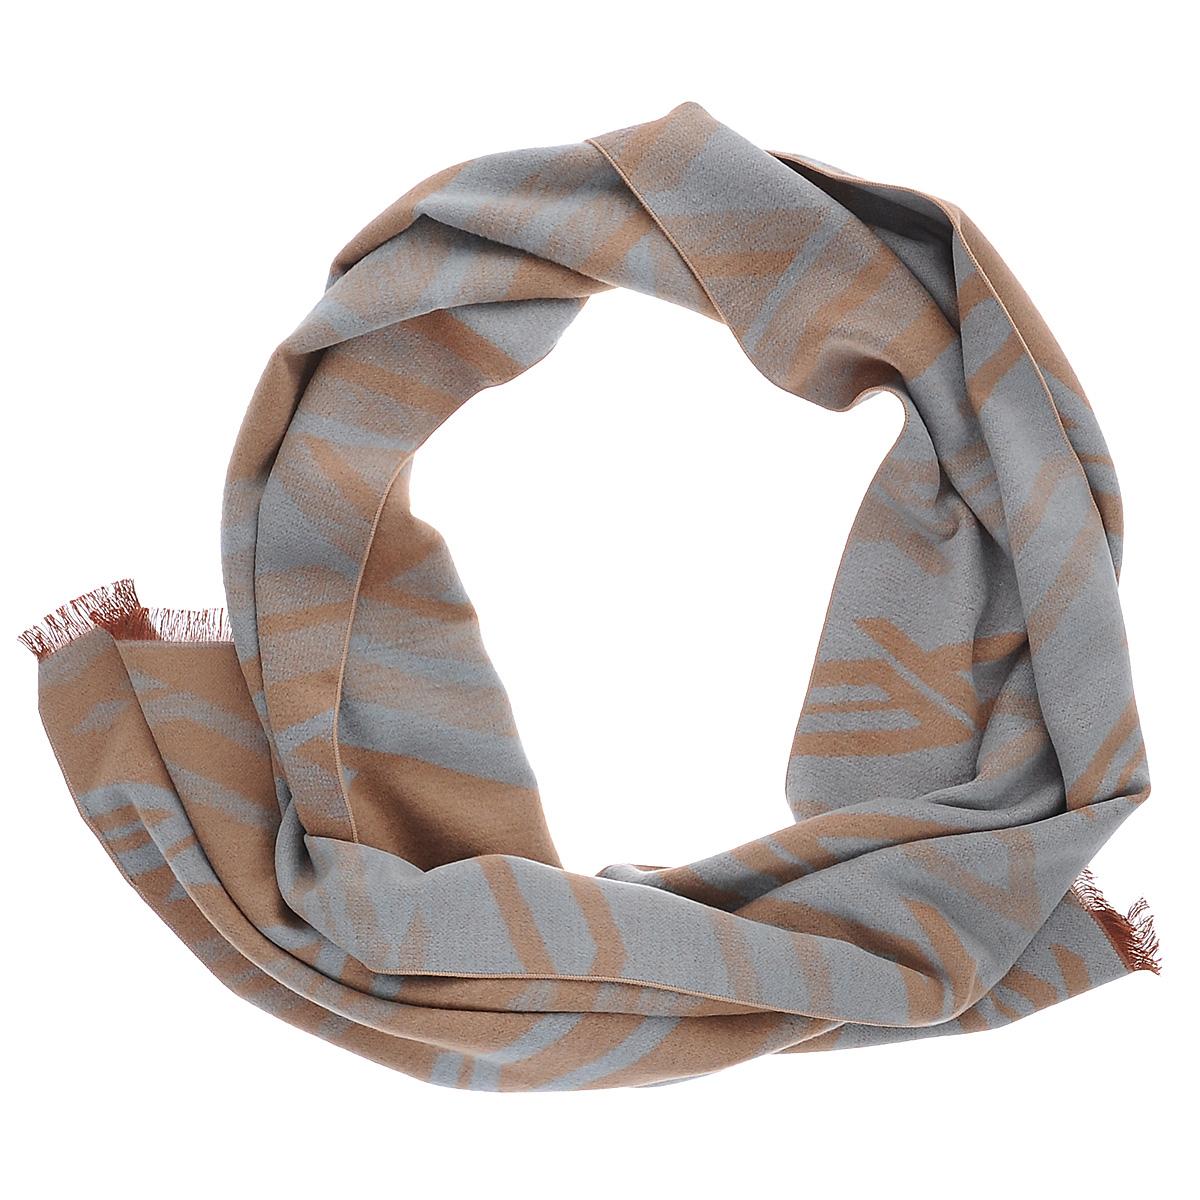 90019-08TМужской шарф Moltini согреет в холодное время года, а также станет изысканным аксессуаром, который призван подчеркнуть ваш стиль и индивидуальность. Ворсистый теплый шарф выполнен на основе из 100% шелка и оформлен оригинальным принтом. Края модели декорированы тонкой бахромой.